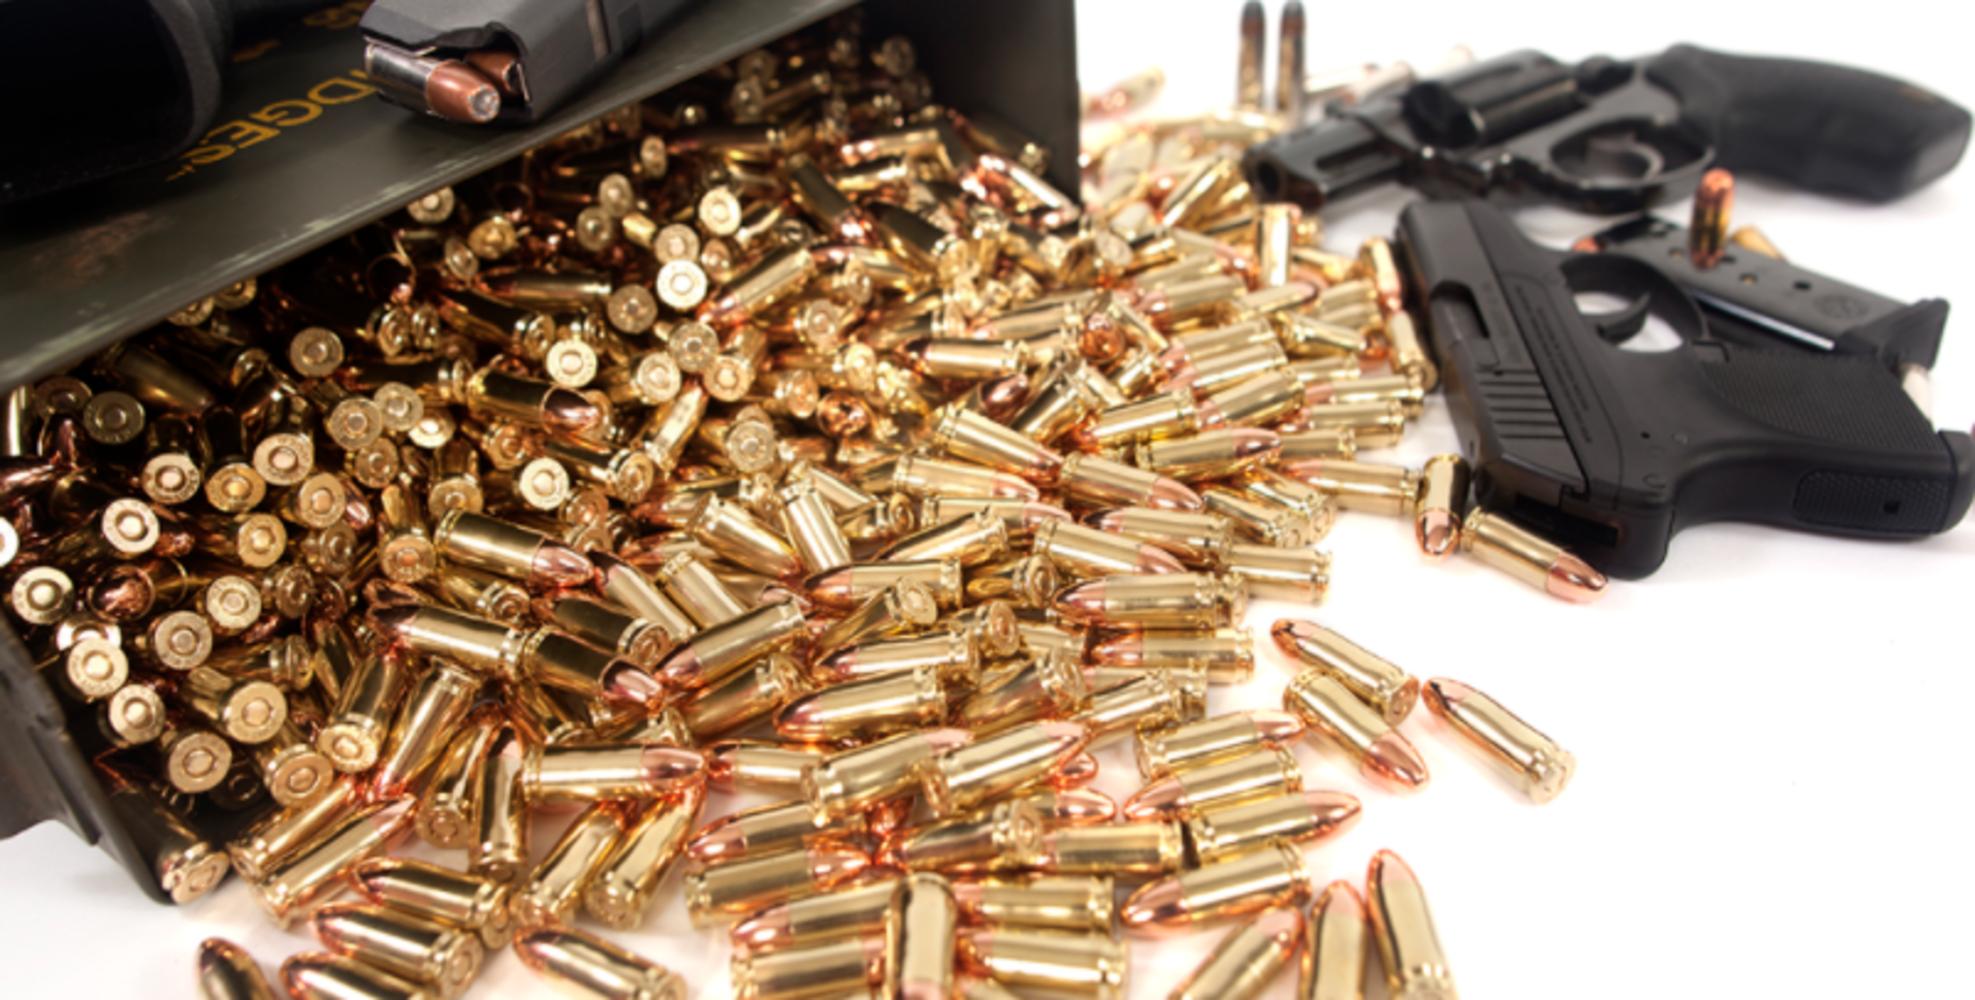 Ammunition Auction 8-17-21